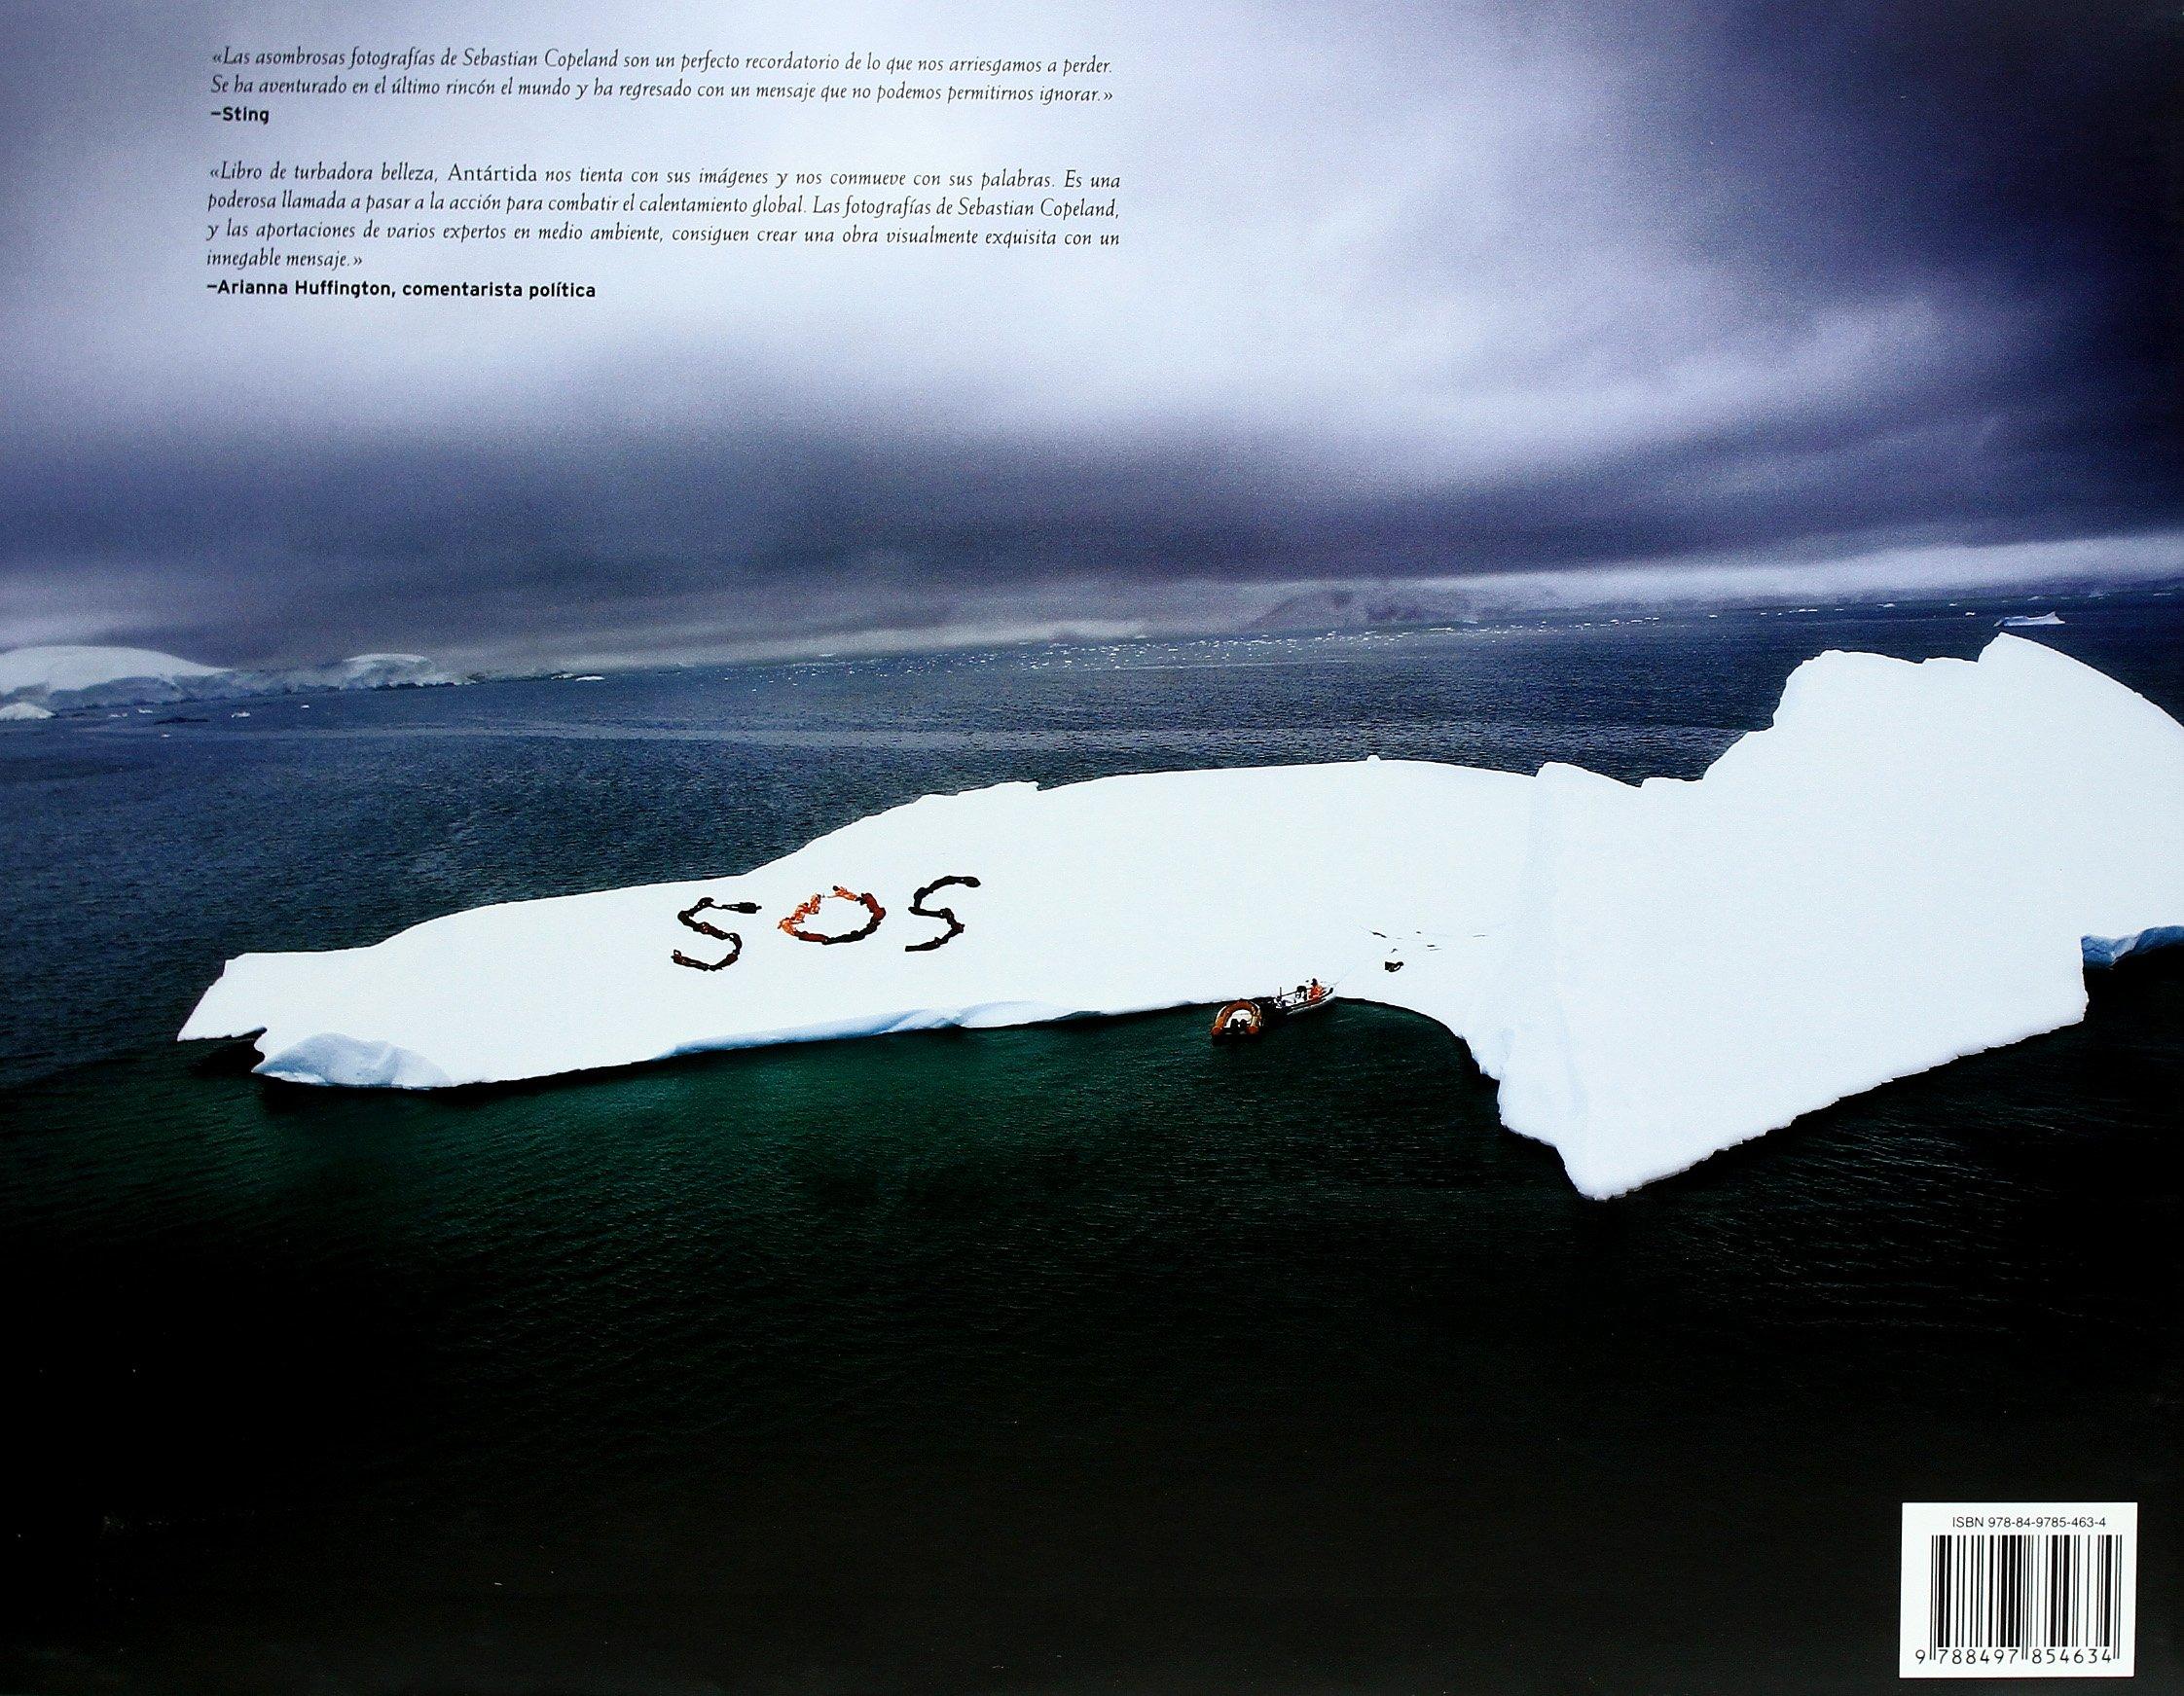 Antártida. Una llamada para un futuro sostenible (General) 1